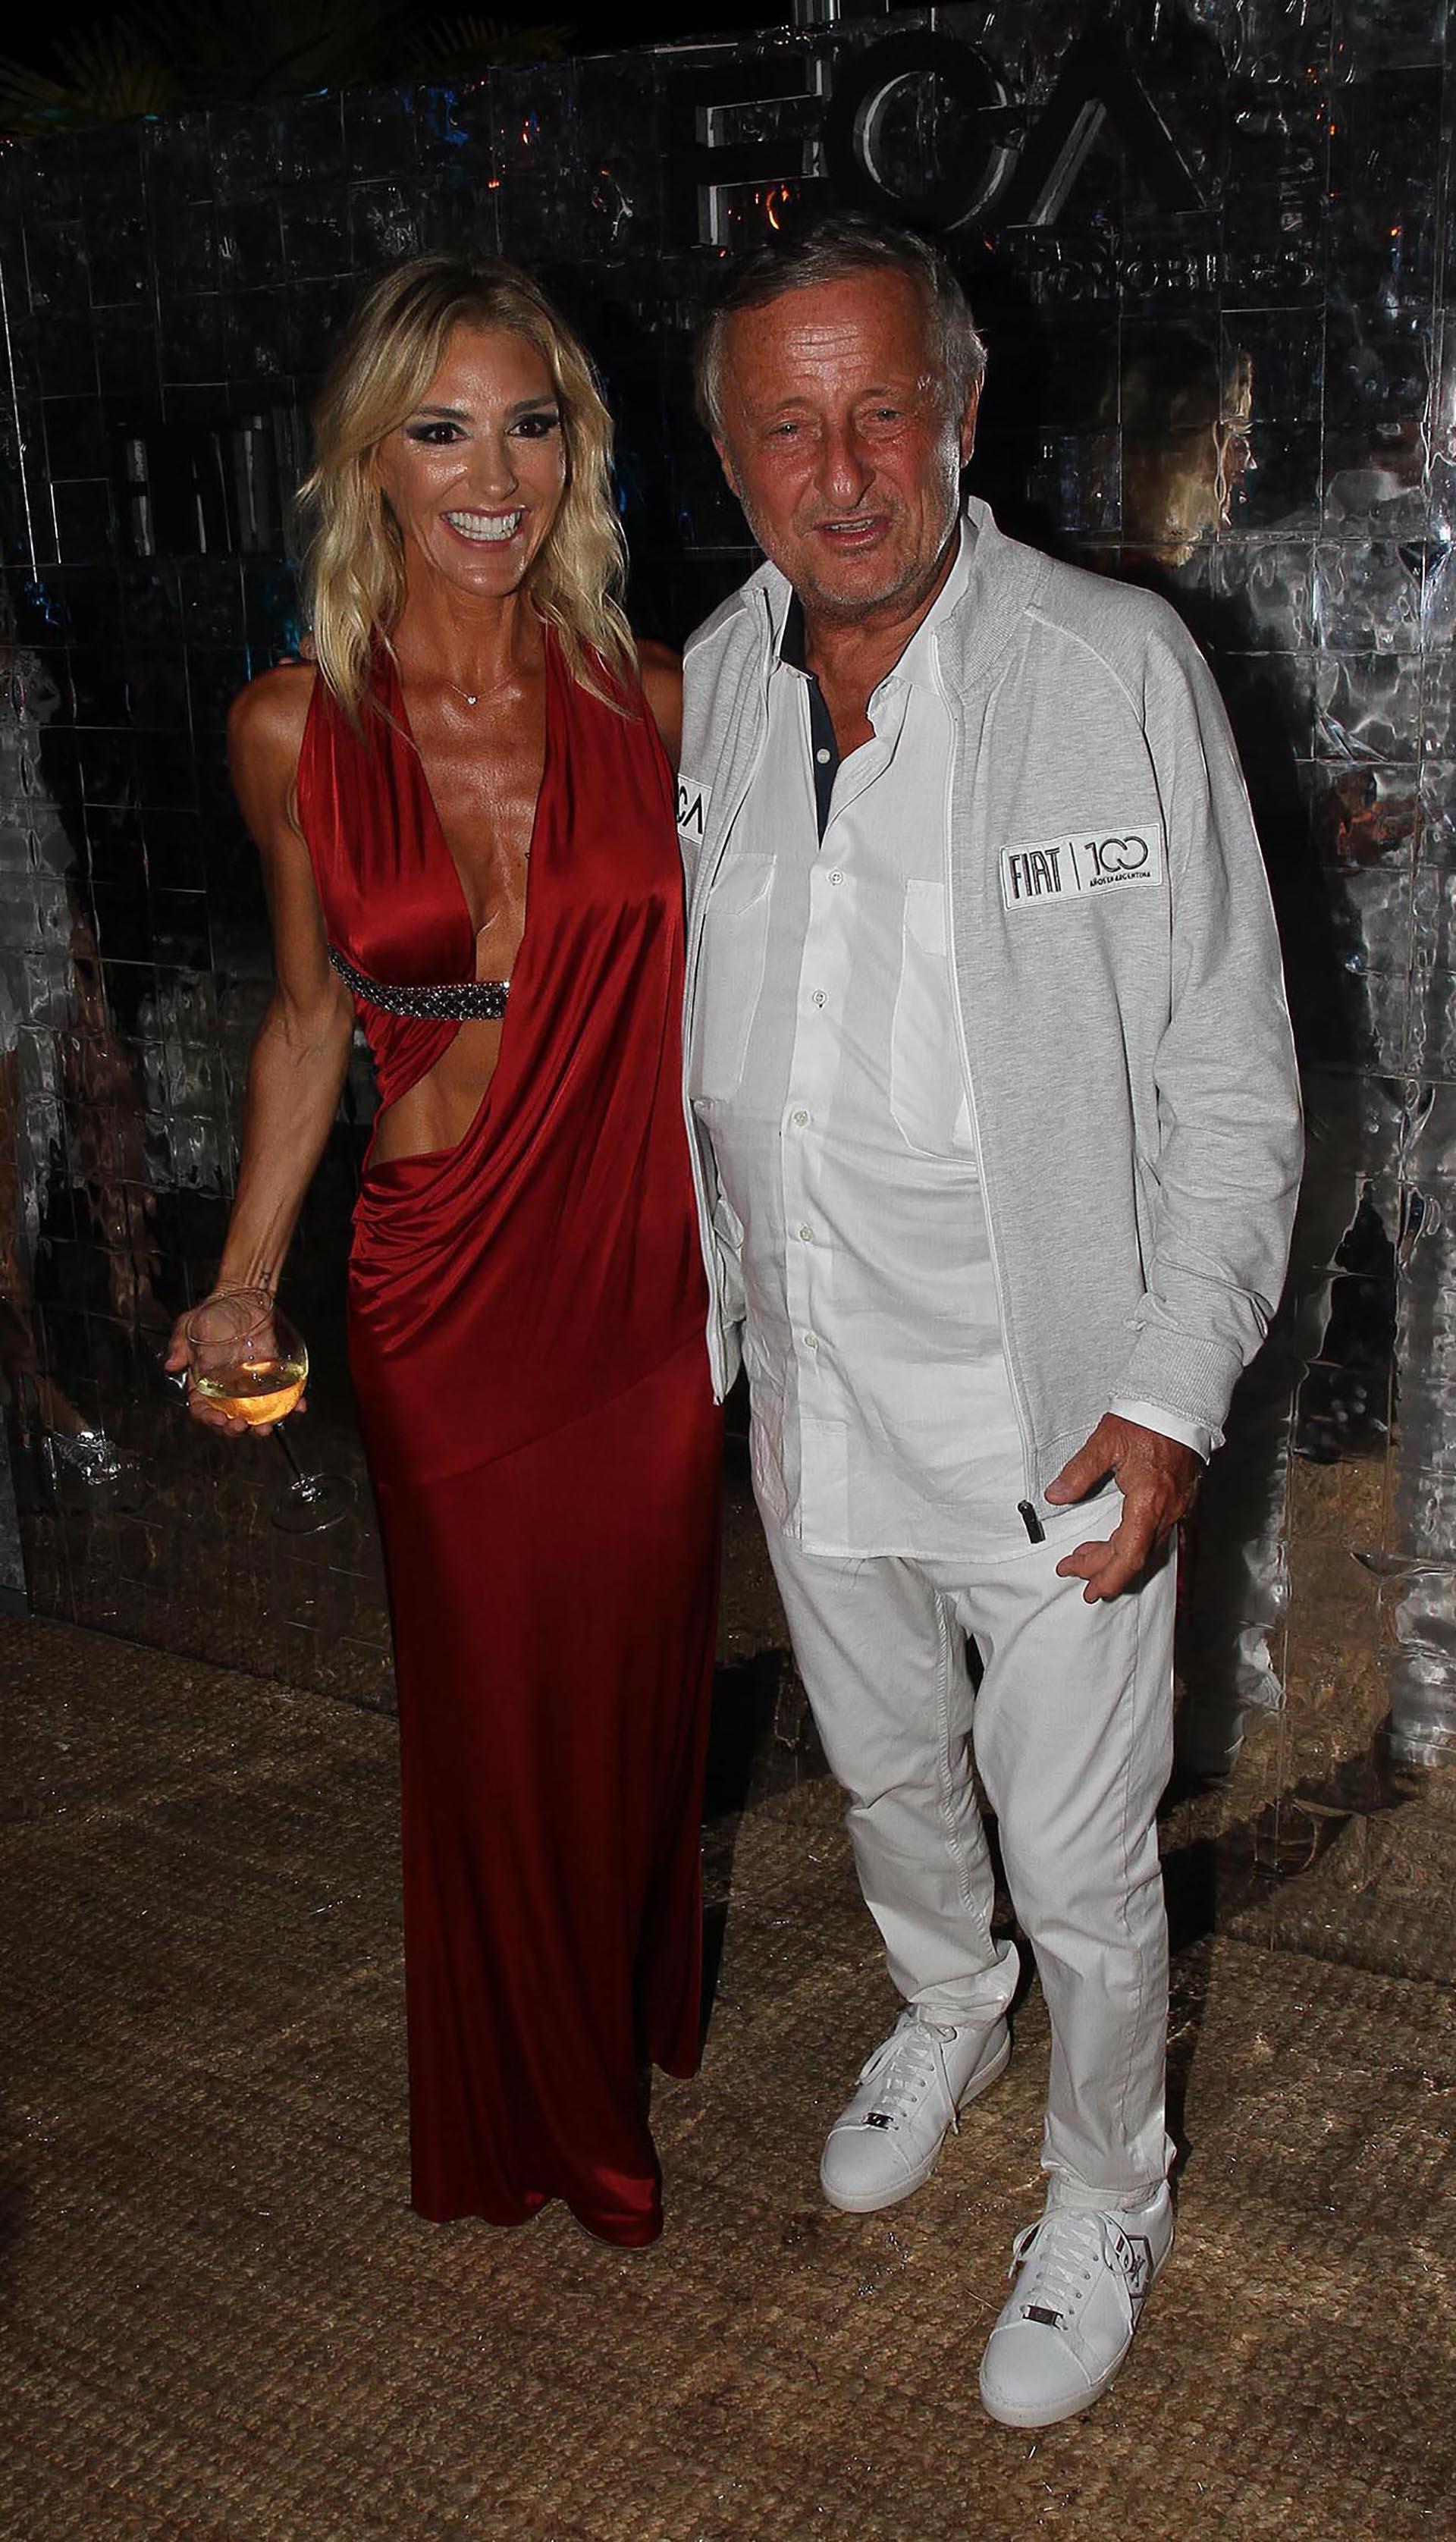 El presidente de Fiat, Cristiano Rattazzi, y su pareja Gabriela Castellani fueron los anfitriones de la gran fiesta esteña